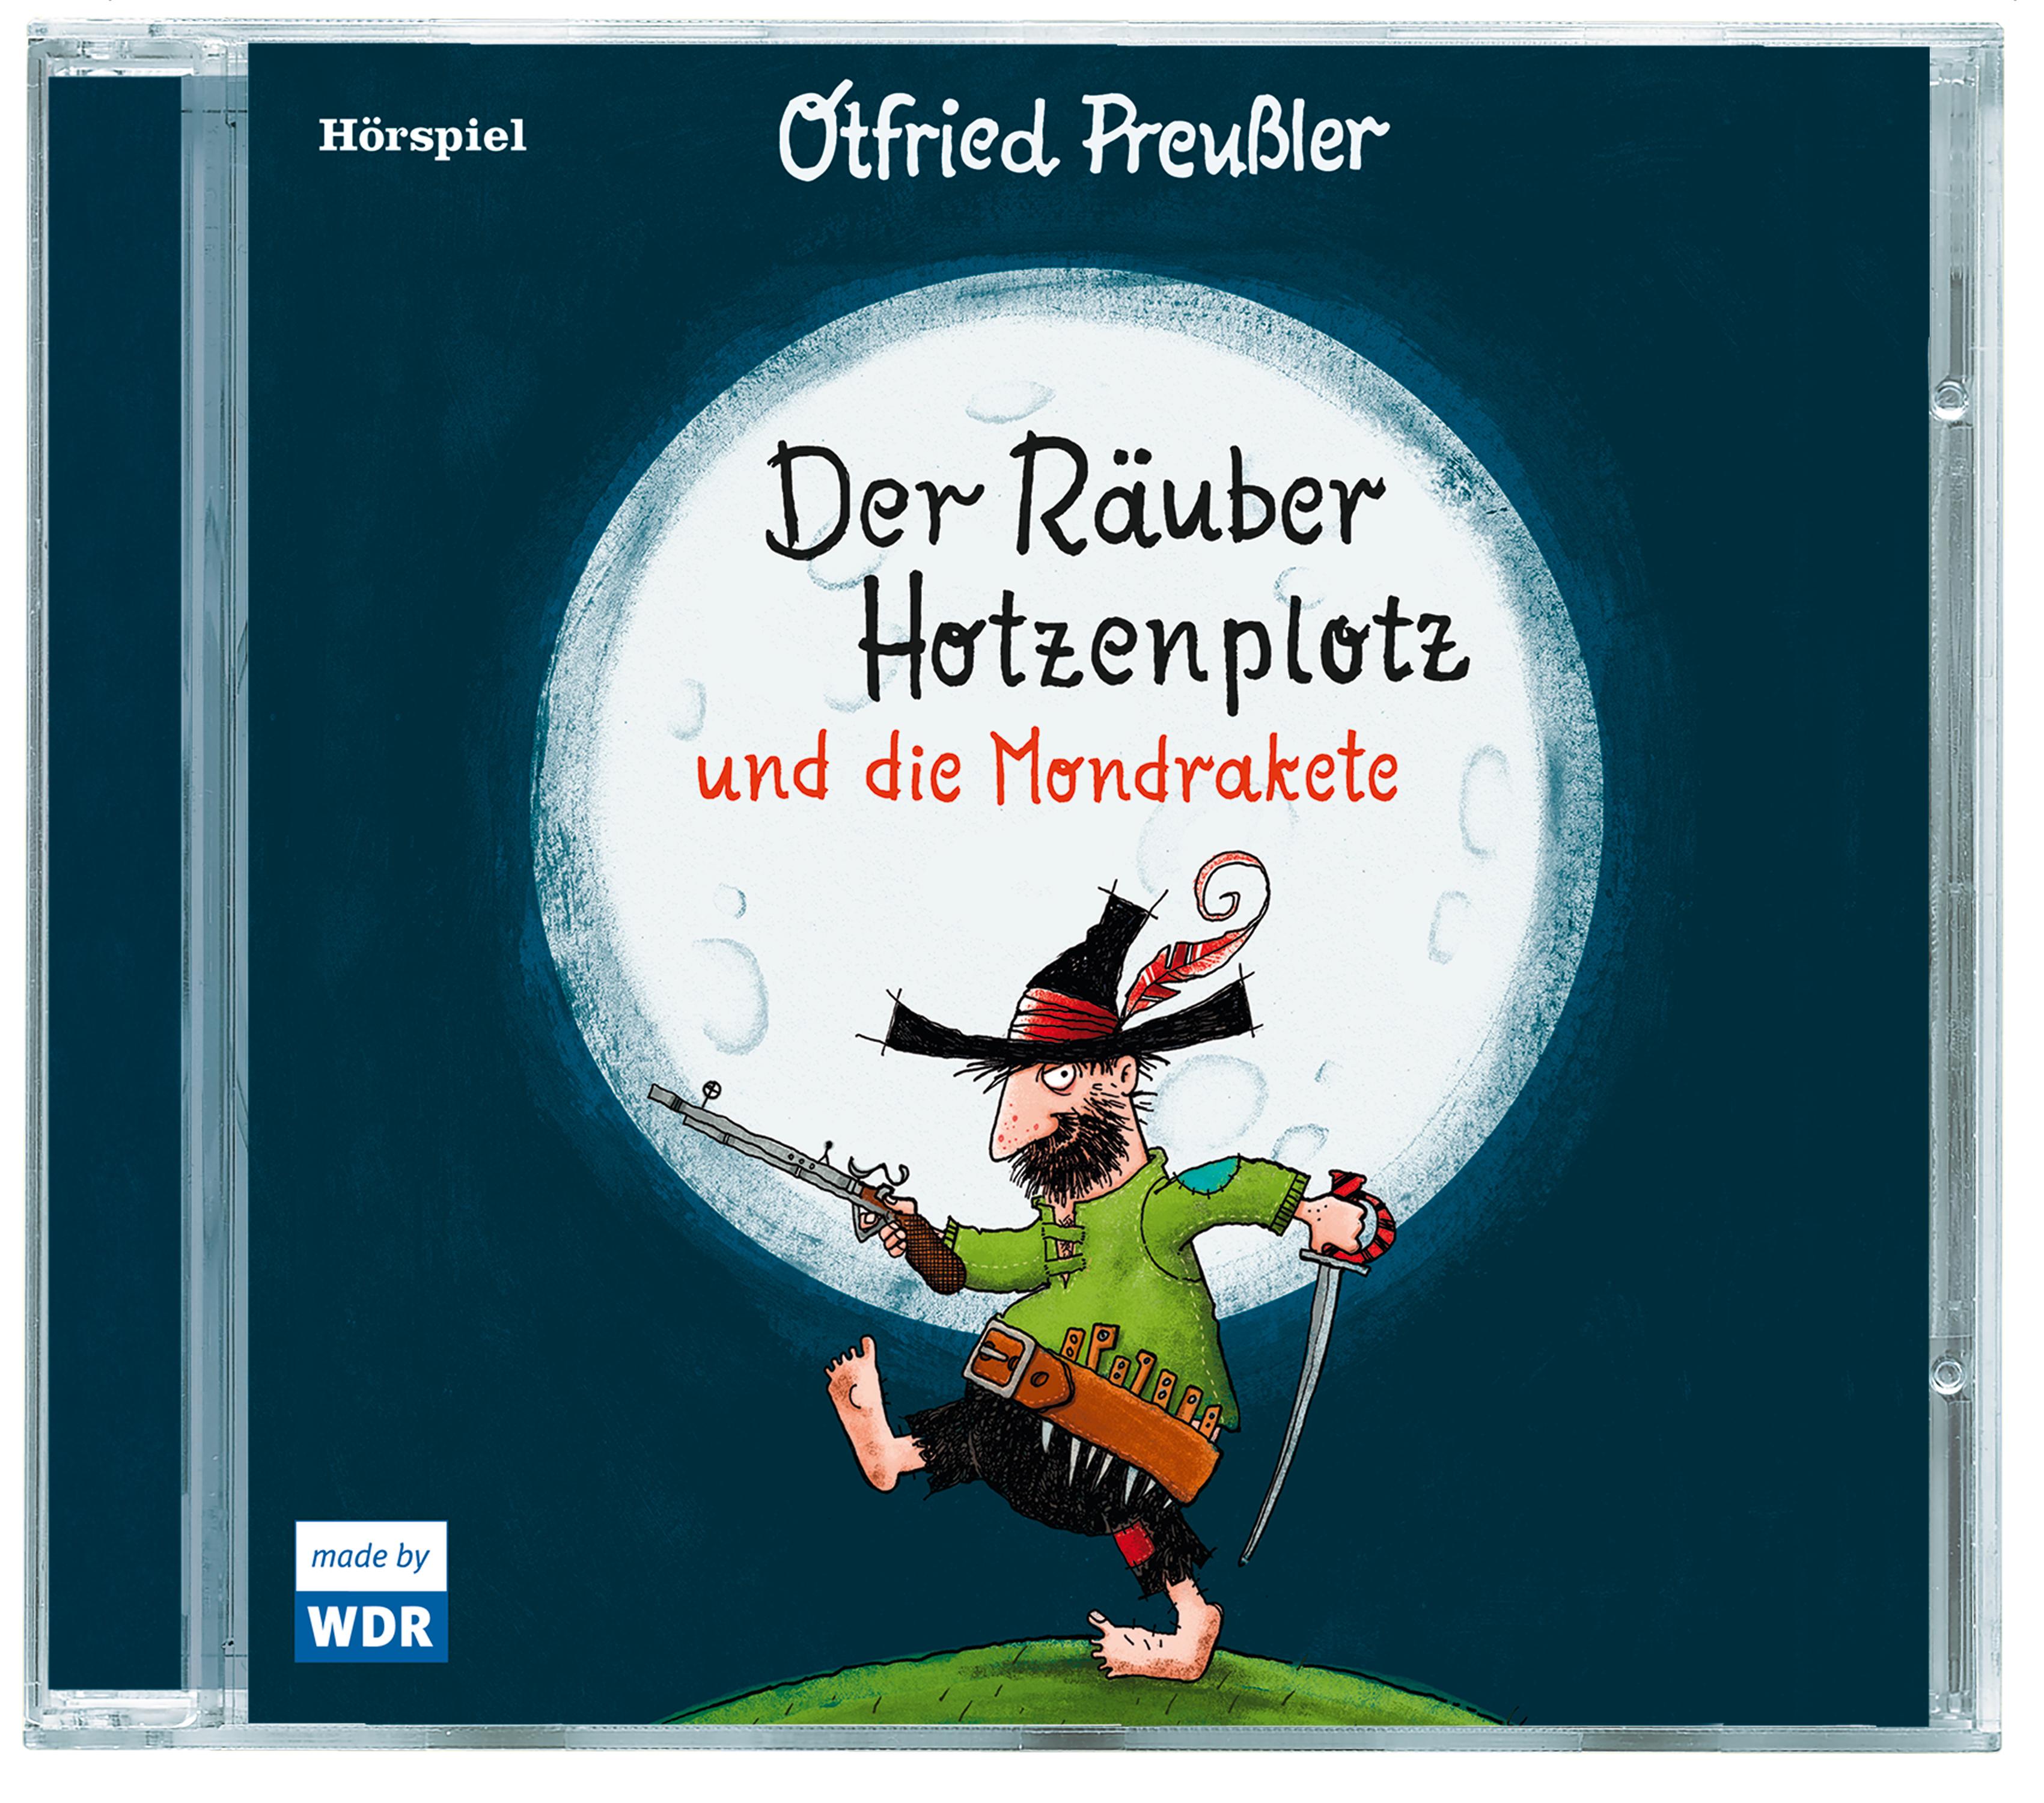 Otfried Preußler, Klassiker, Nachlass, Kinder, vorlesen, Hörbuch, HörspielEltern, Familie, lesen,